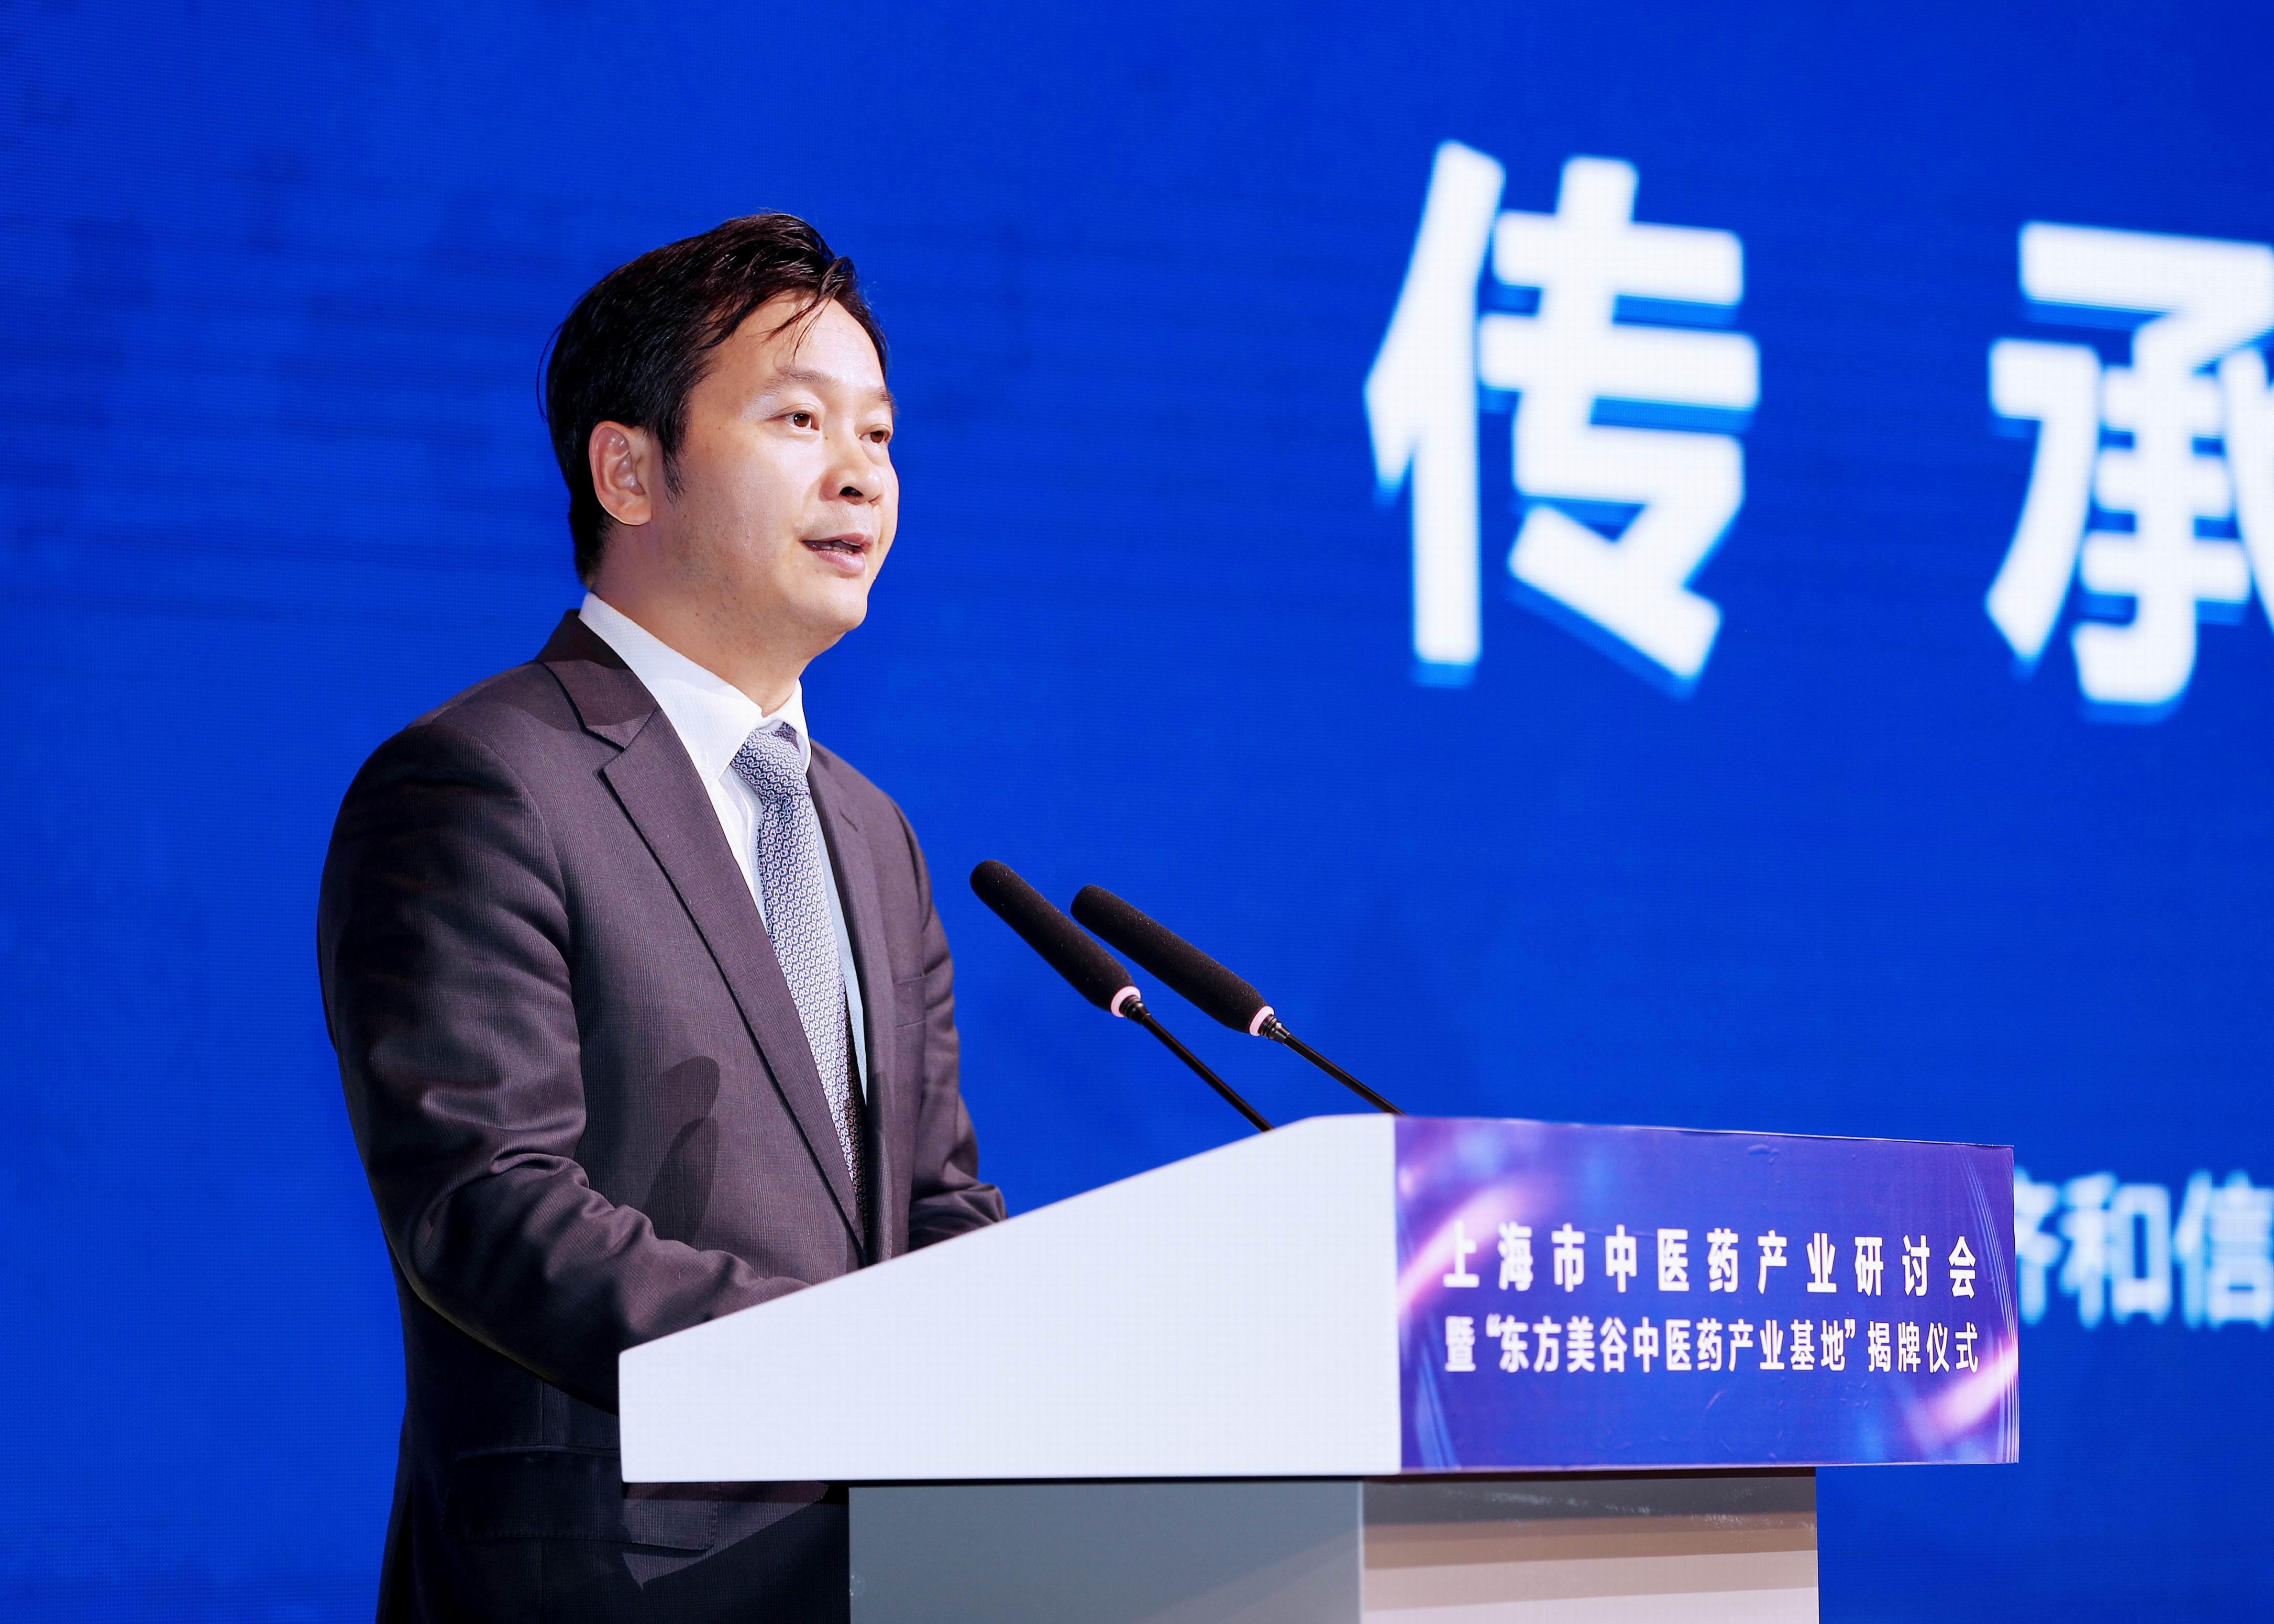 4、上海市经信委主任吴金城在会上致辞。